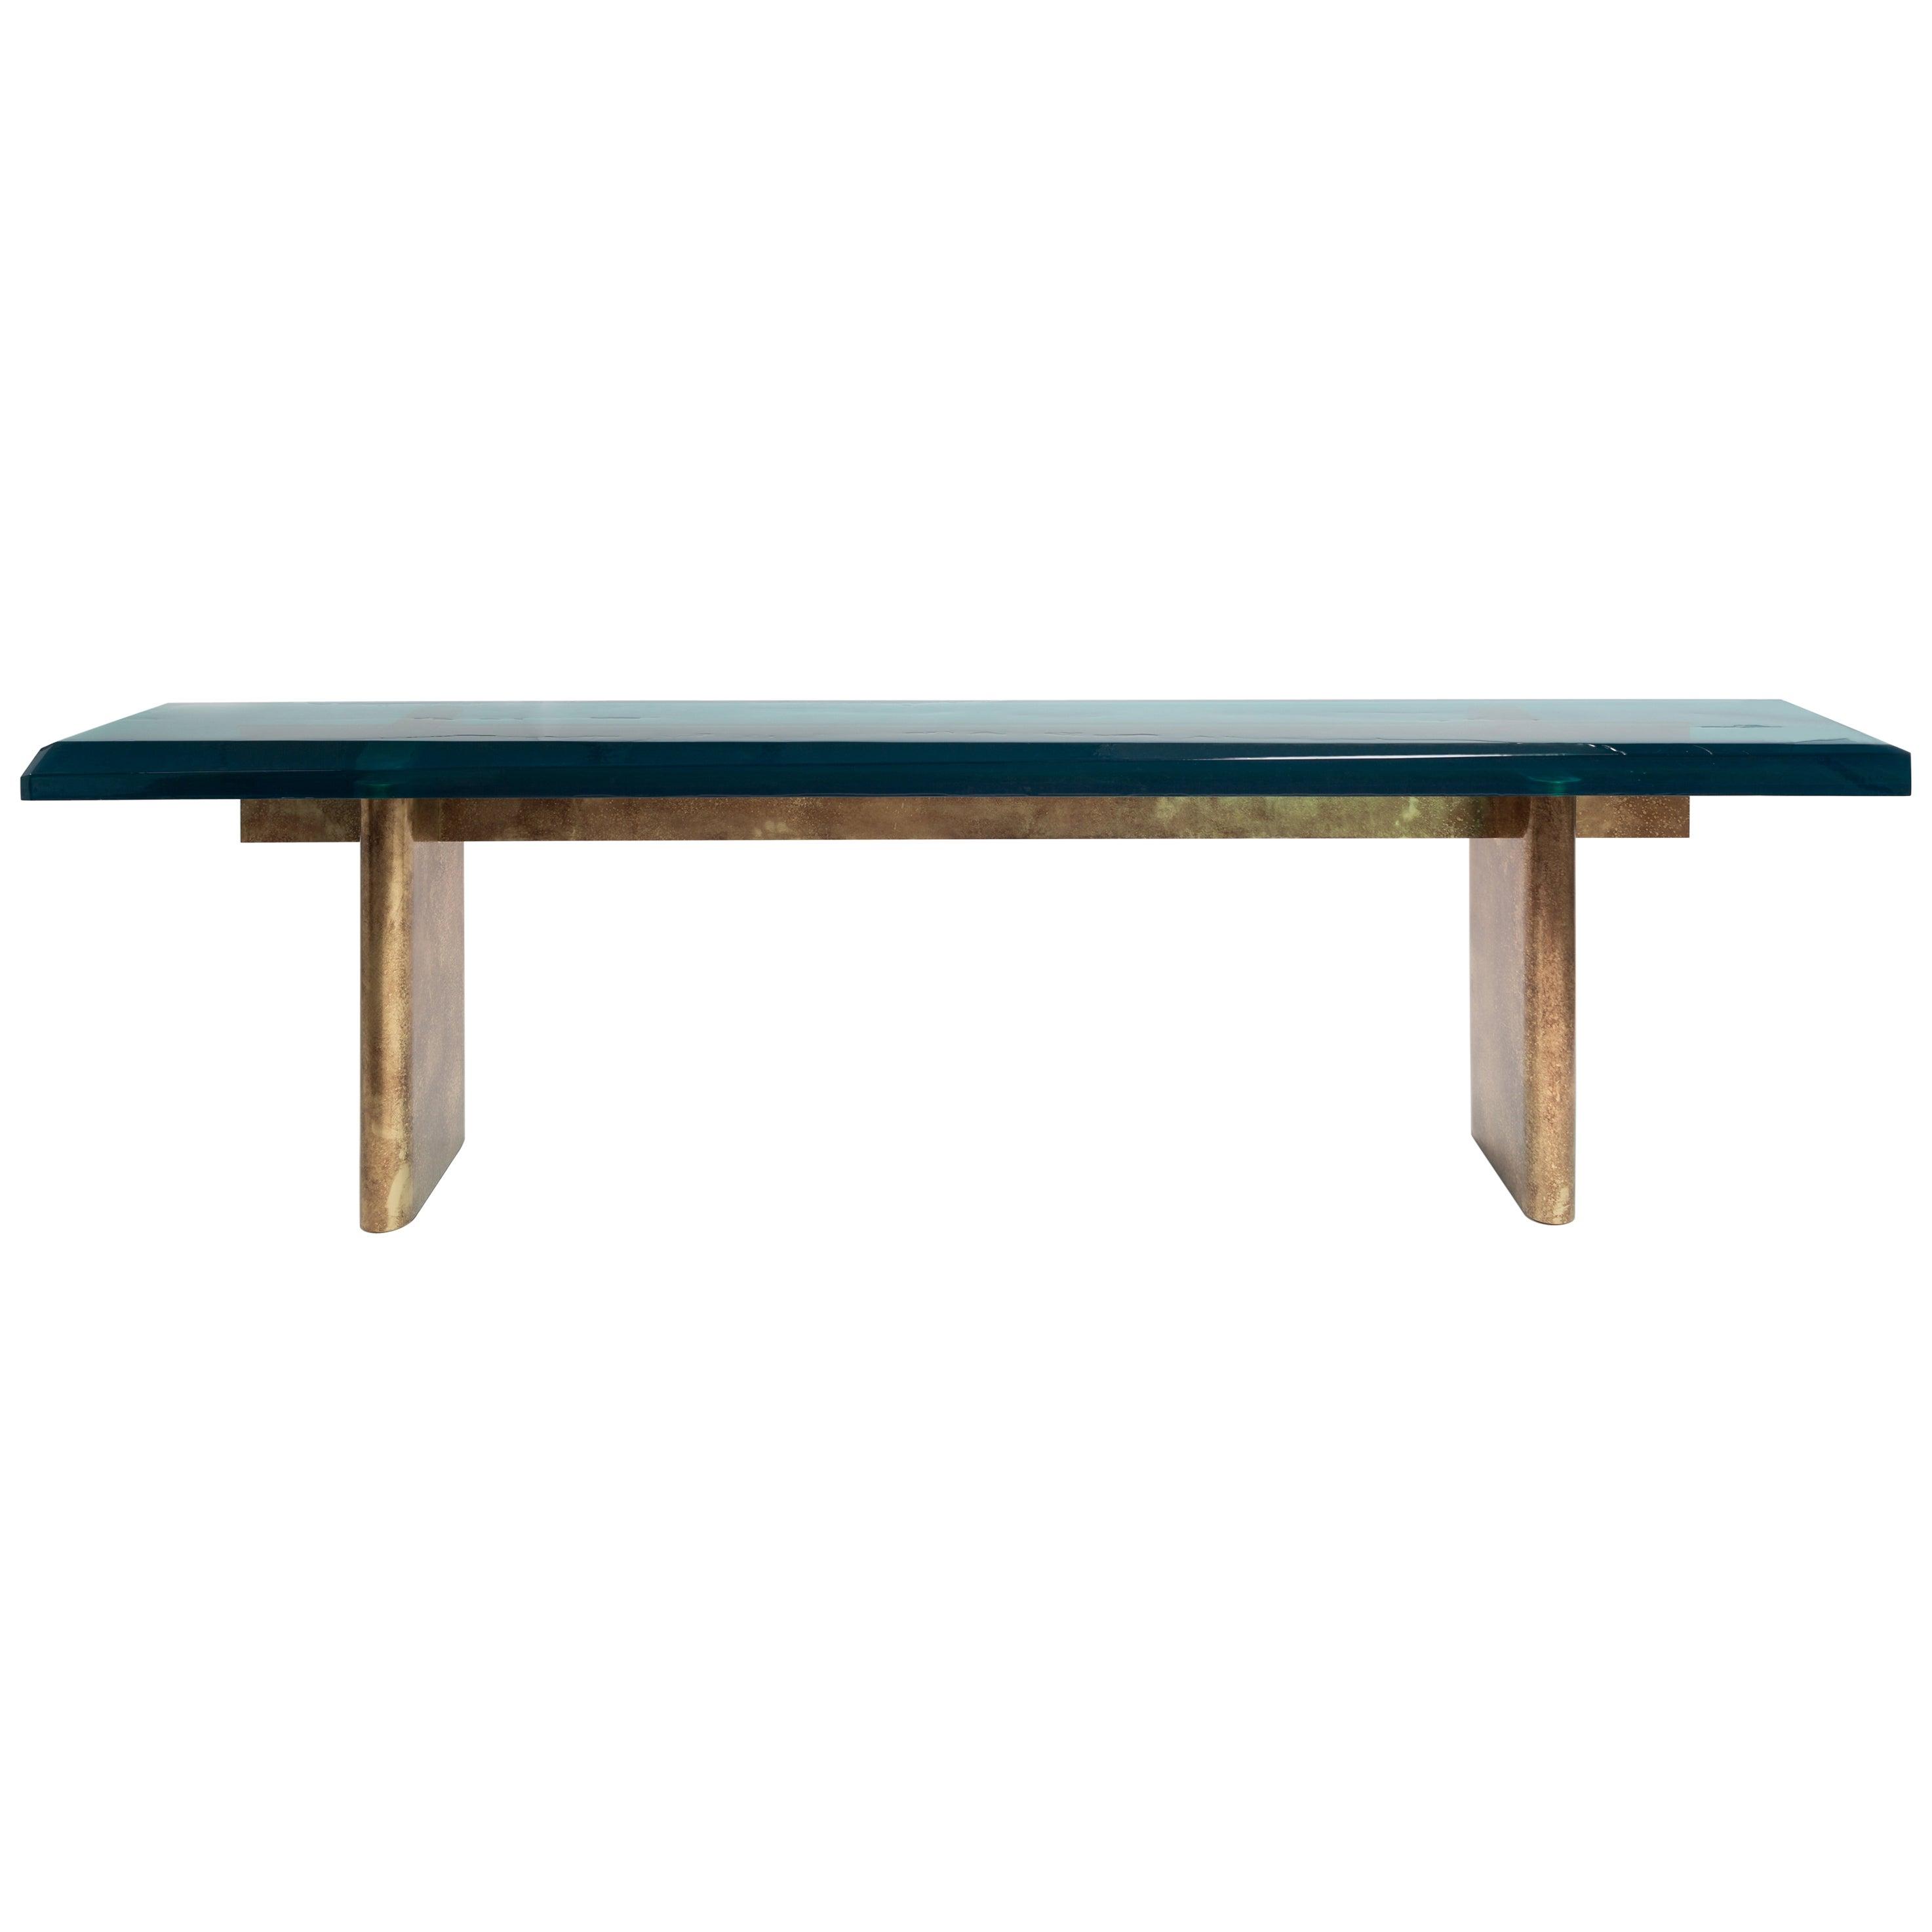 Maree Desk by Draga & Aurel